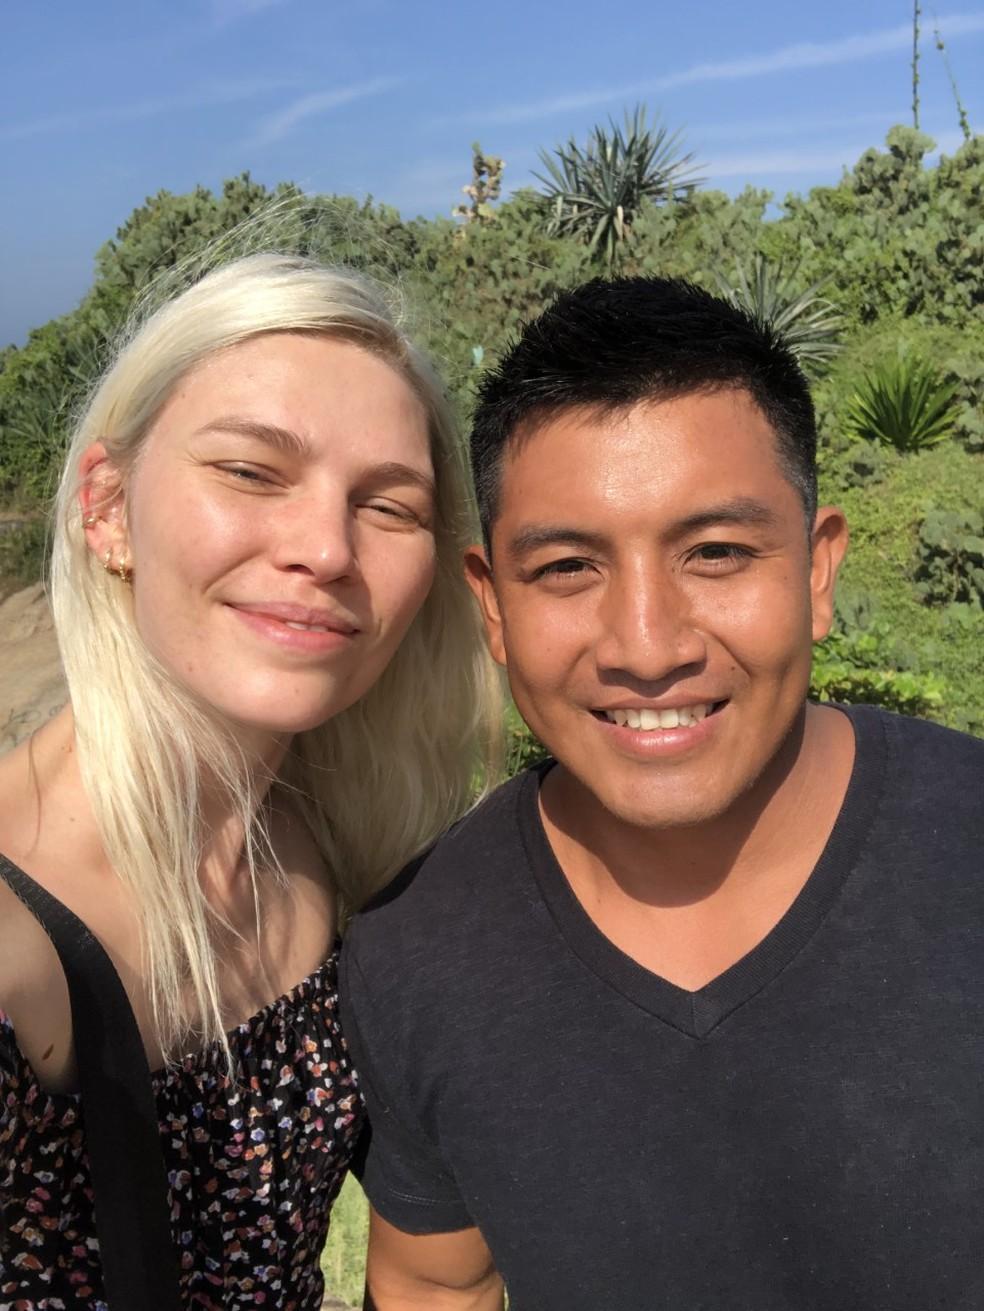 Casal se conheceu durante visita da modelo a aldeia — Foto: Arquivo pessoal